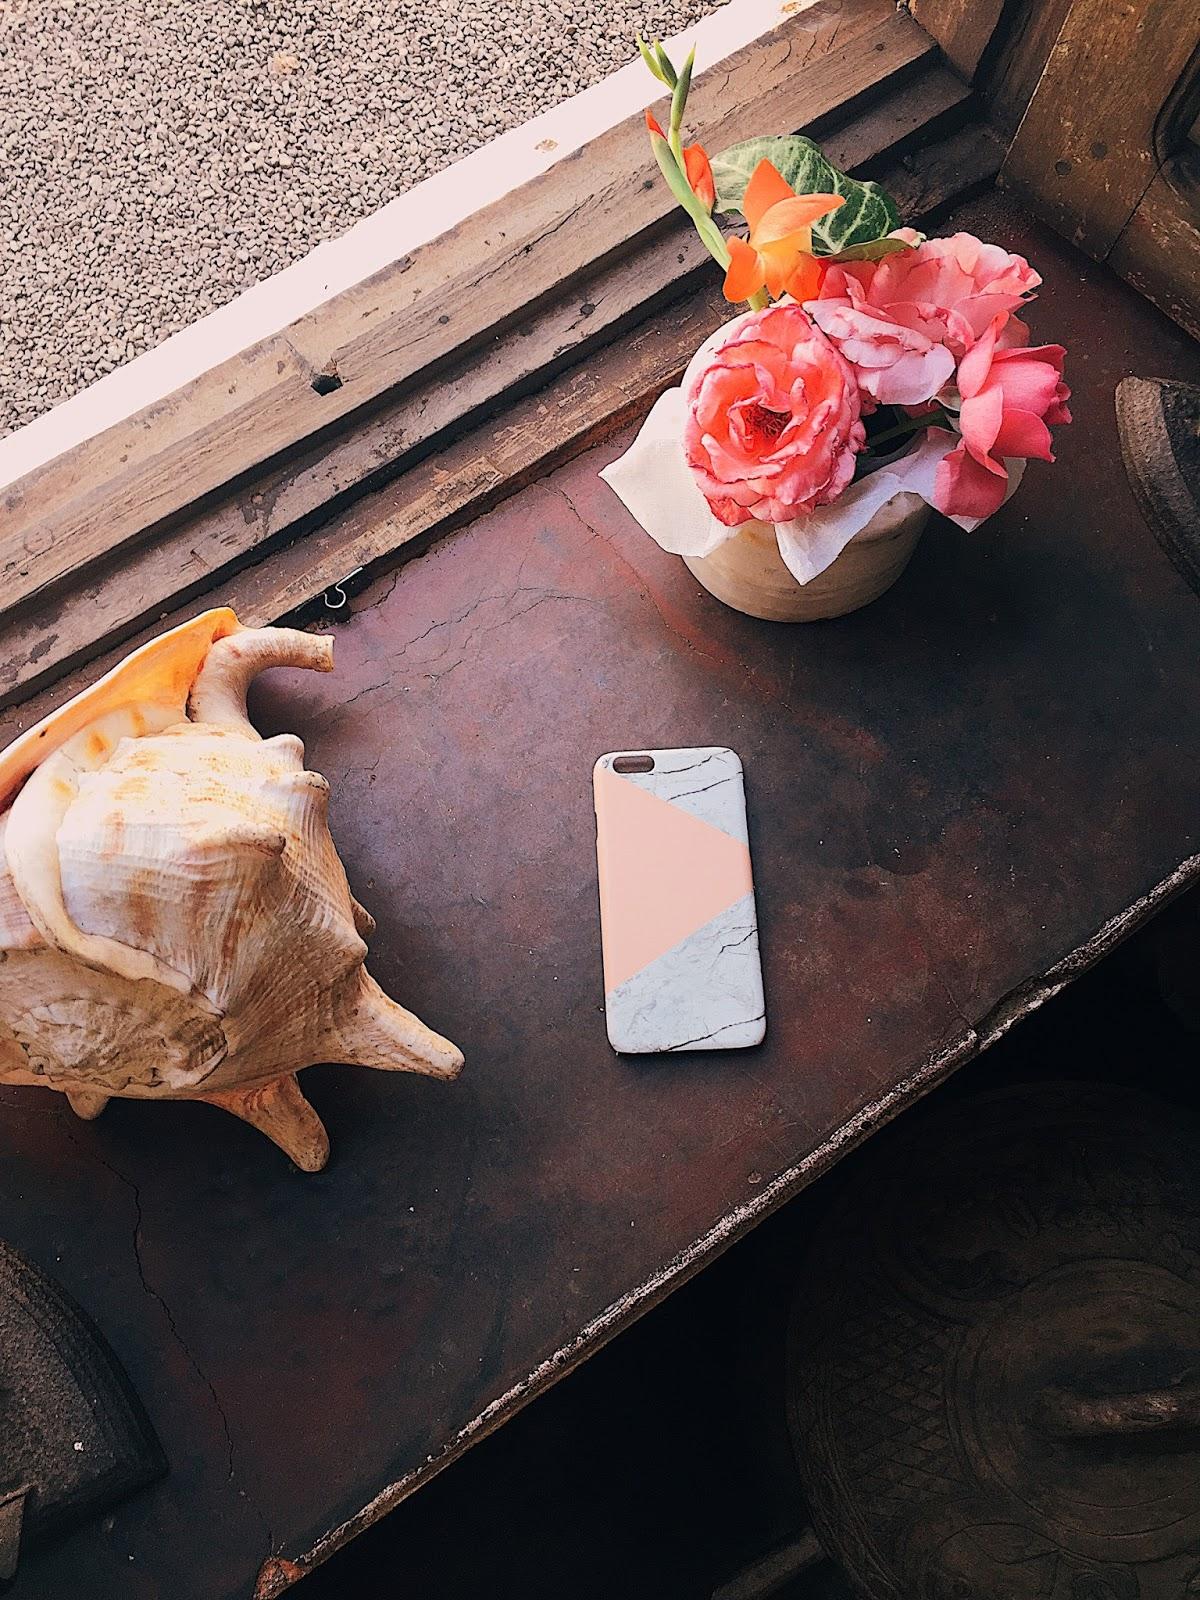 caseapp, custom iPhone case, custom iPhone case online, laptop skin, custom laptop skin online, marble, marble case